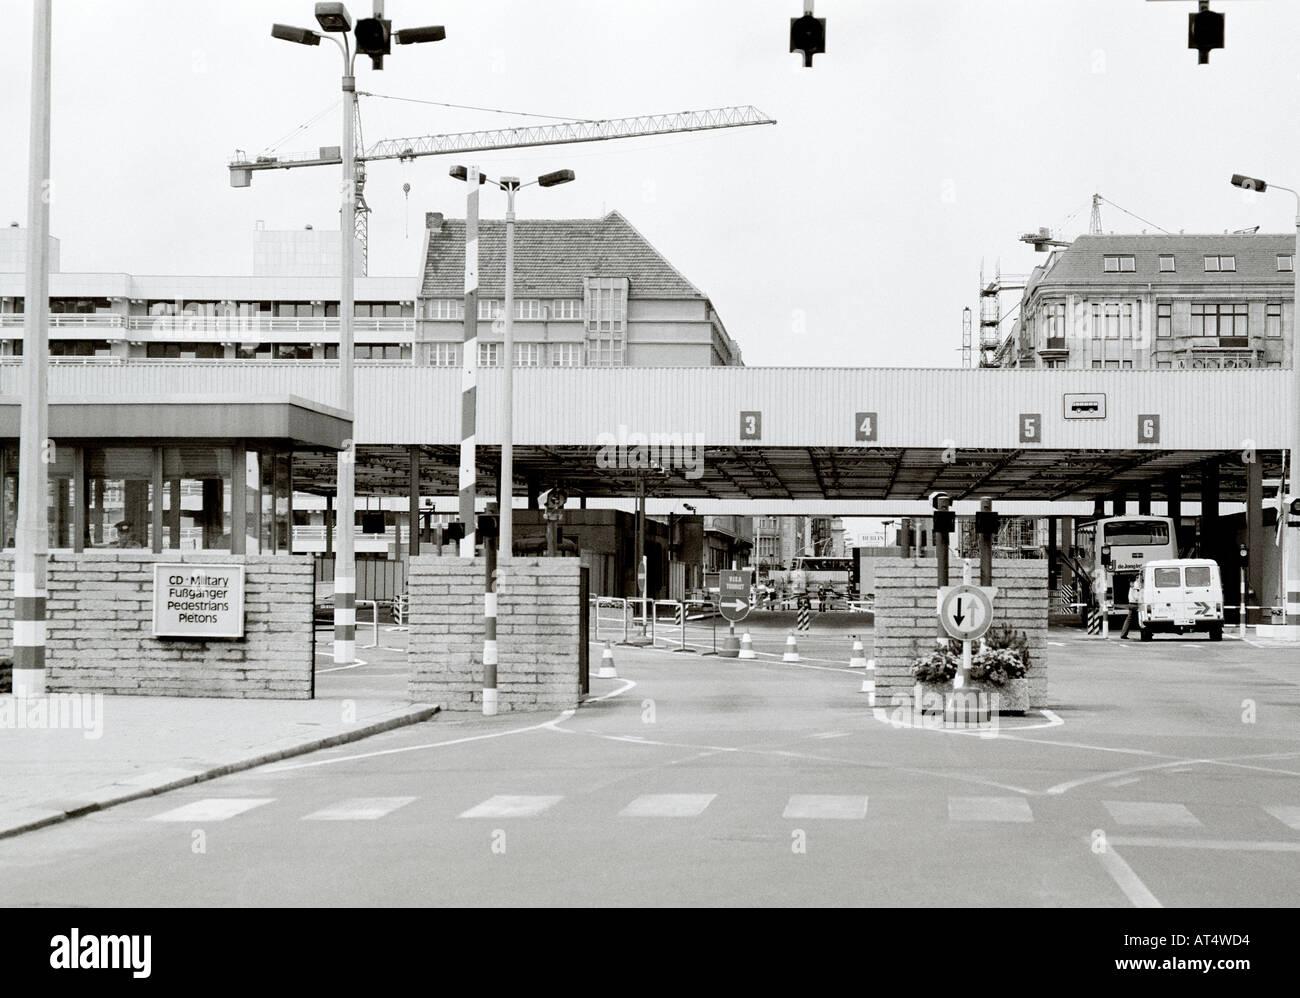 Il Checkpoint Charlie settore americano durante la Guerra fredda a Berlino Ovest in Germania in Europa. Storia Reportage storico Cultura Città Travel Immagini Stock